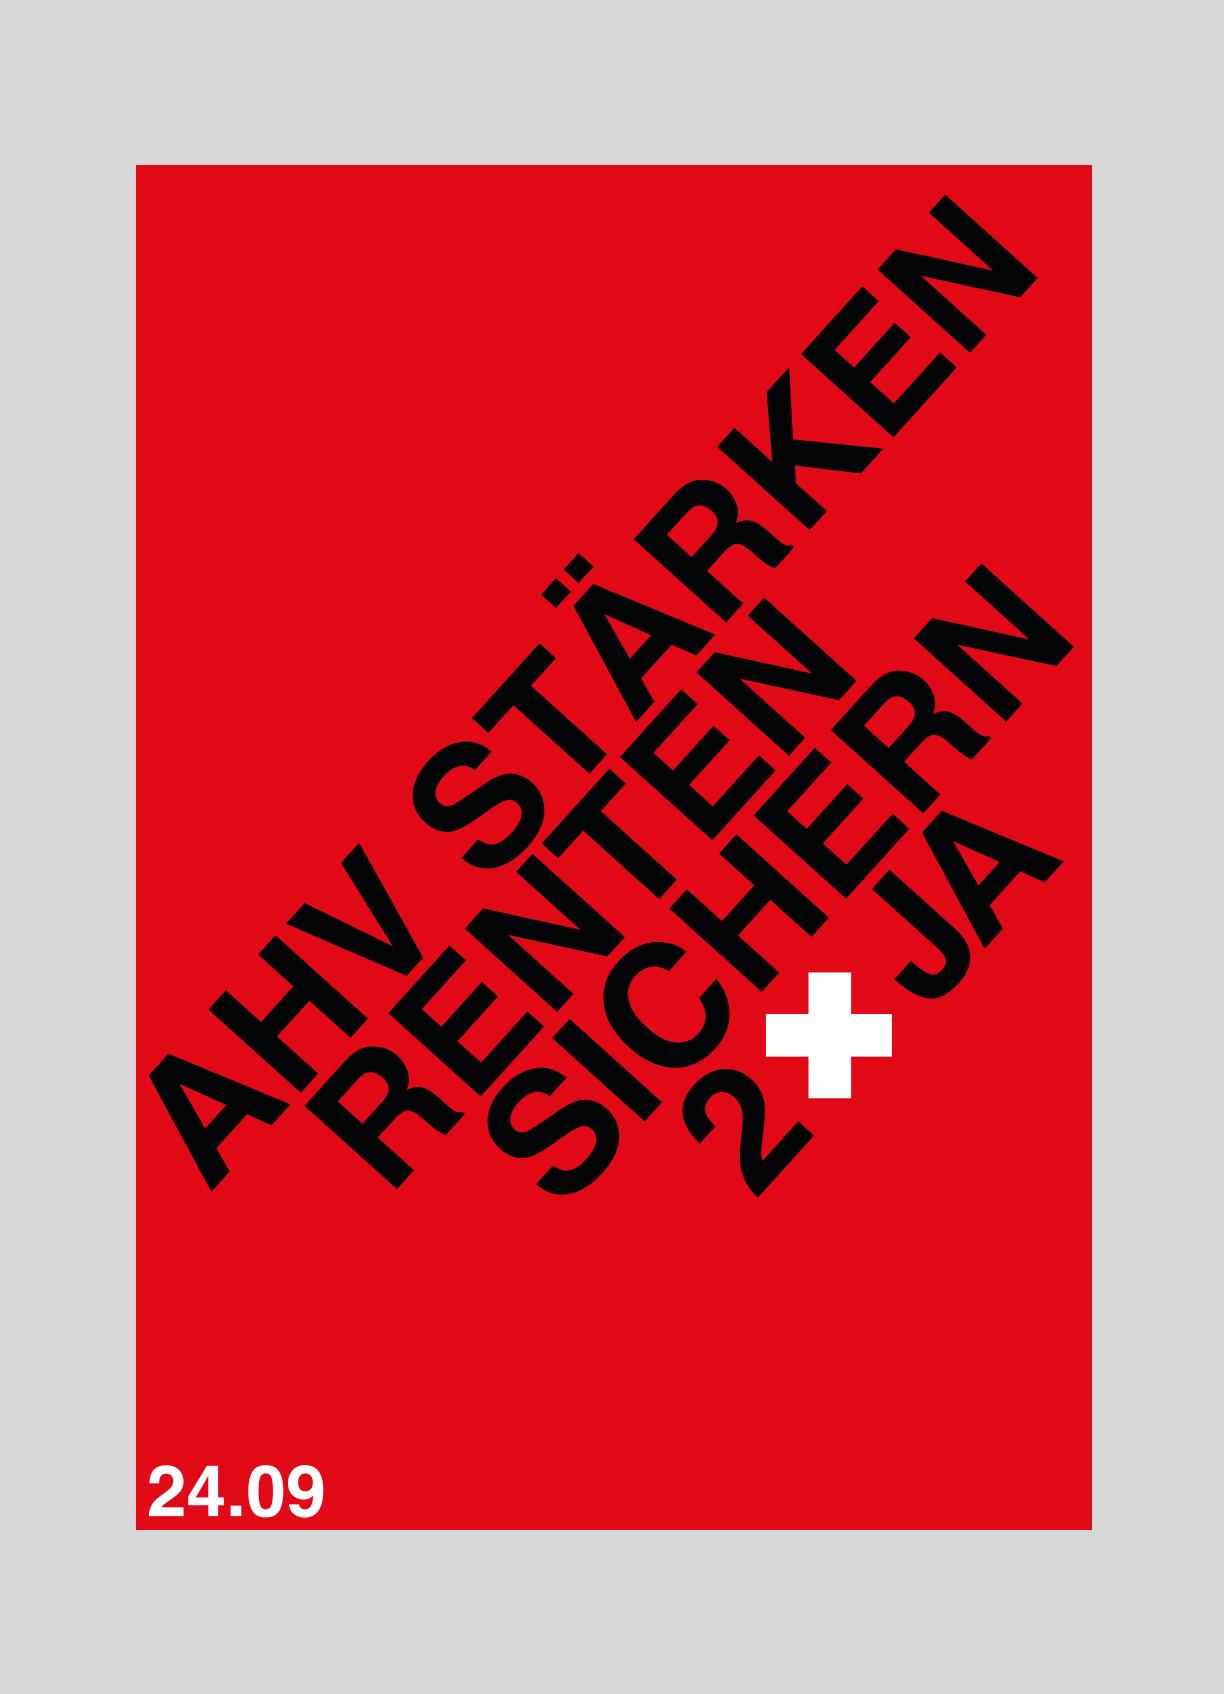 Gewerkschaftsbund SGB – Altersvorsorge 2020   2017   Abstimmungsplakat für ein JA zur Altersvorsorge 2020.